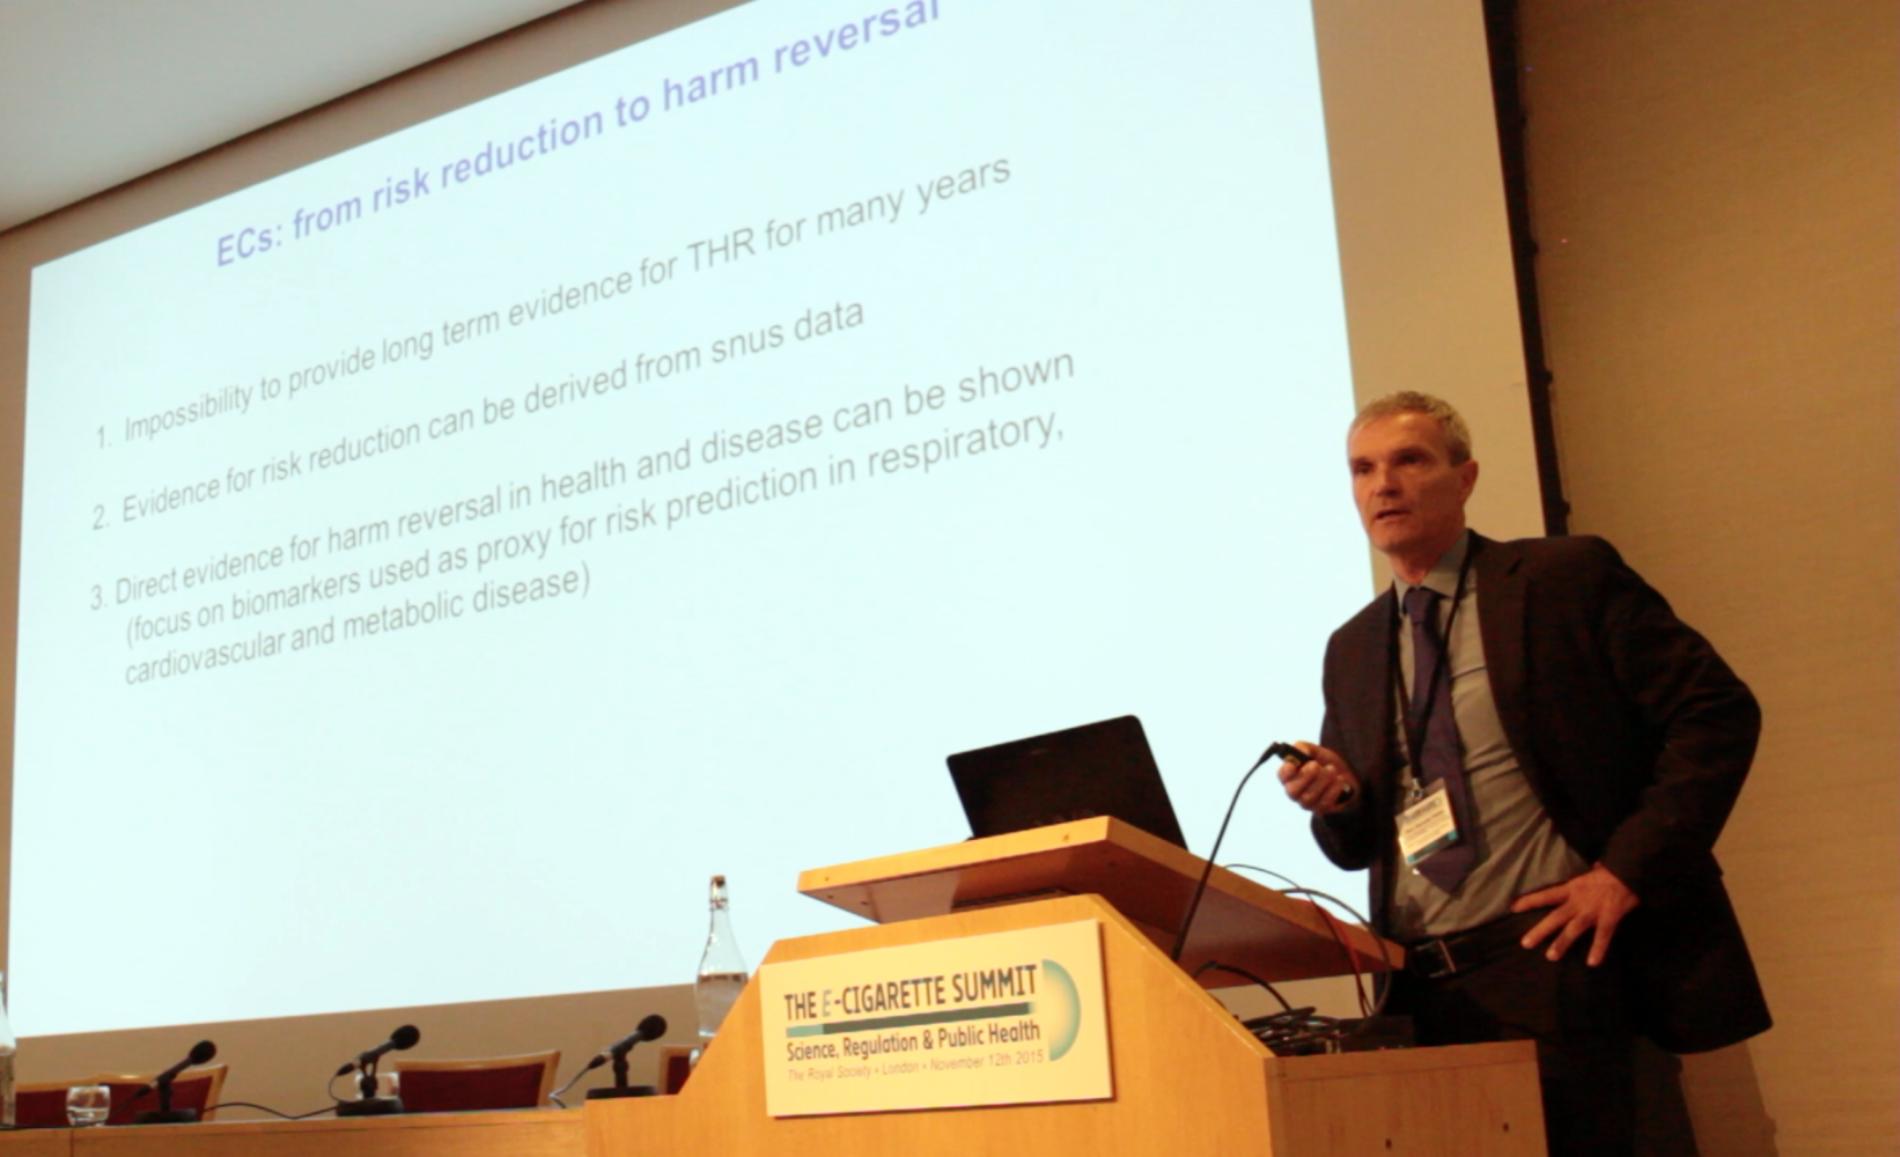 Royal Society di Londra – Summit sulle e-cig 2015: l'intervento del prof. Polosa